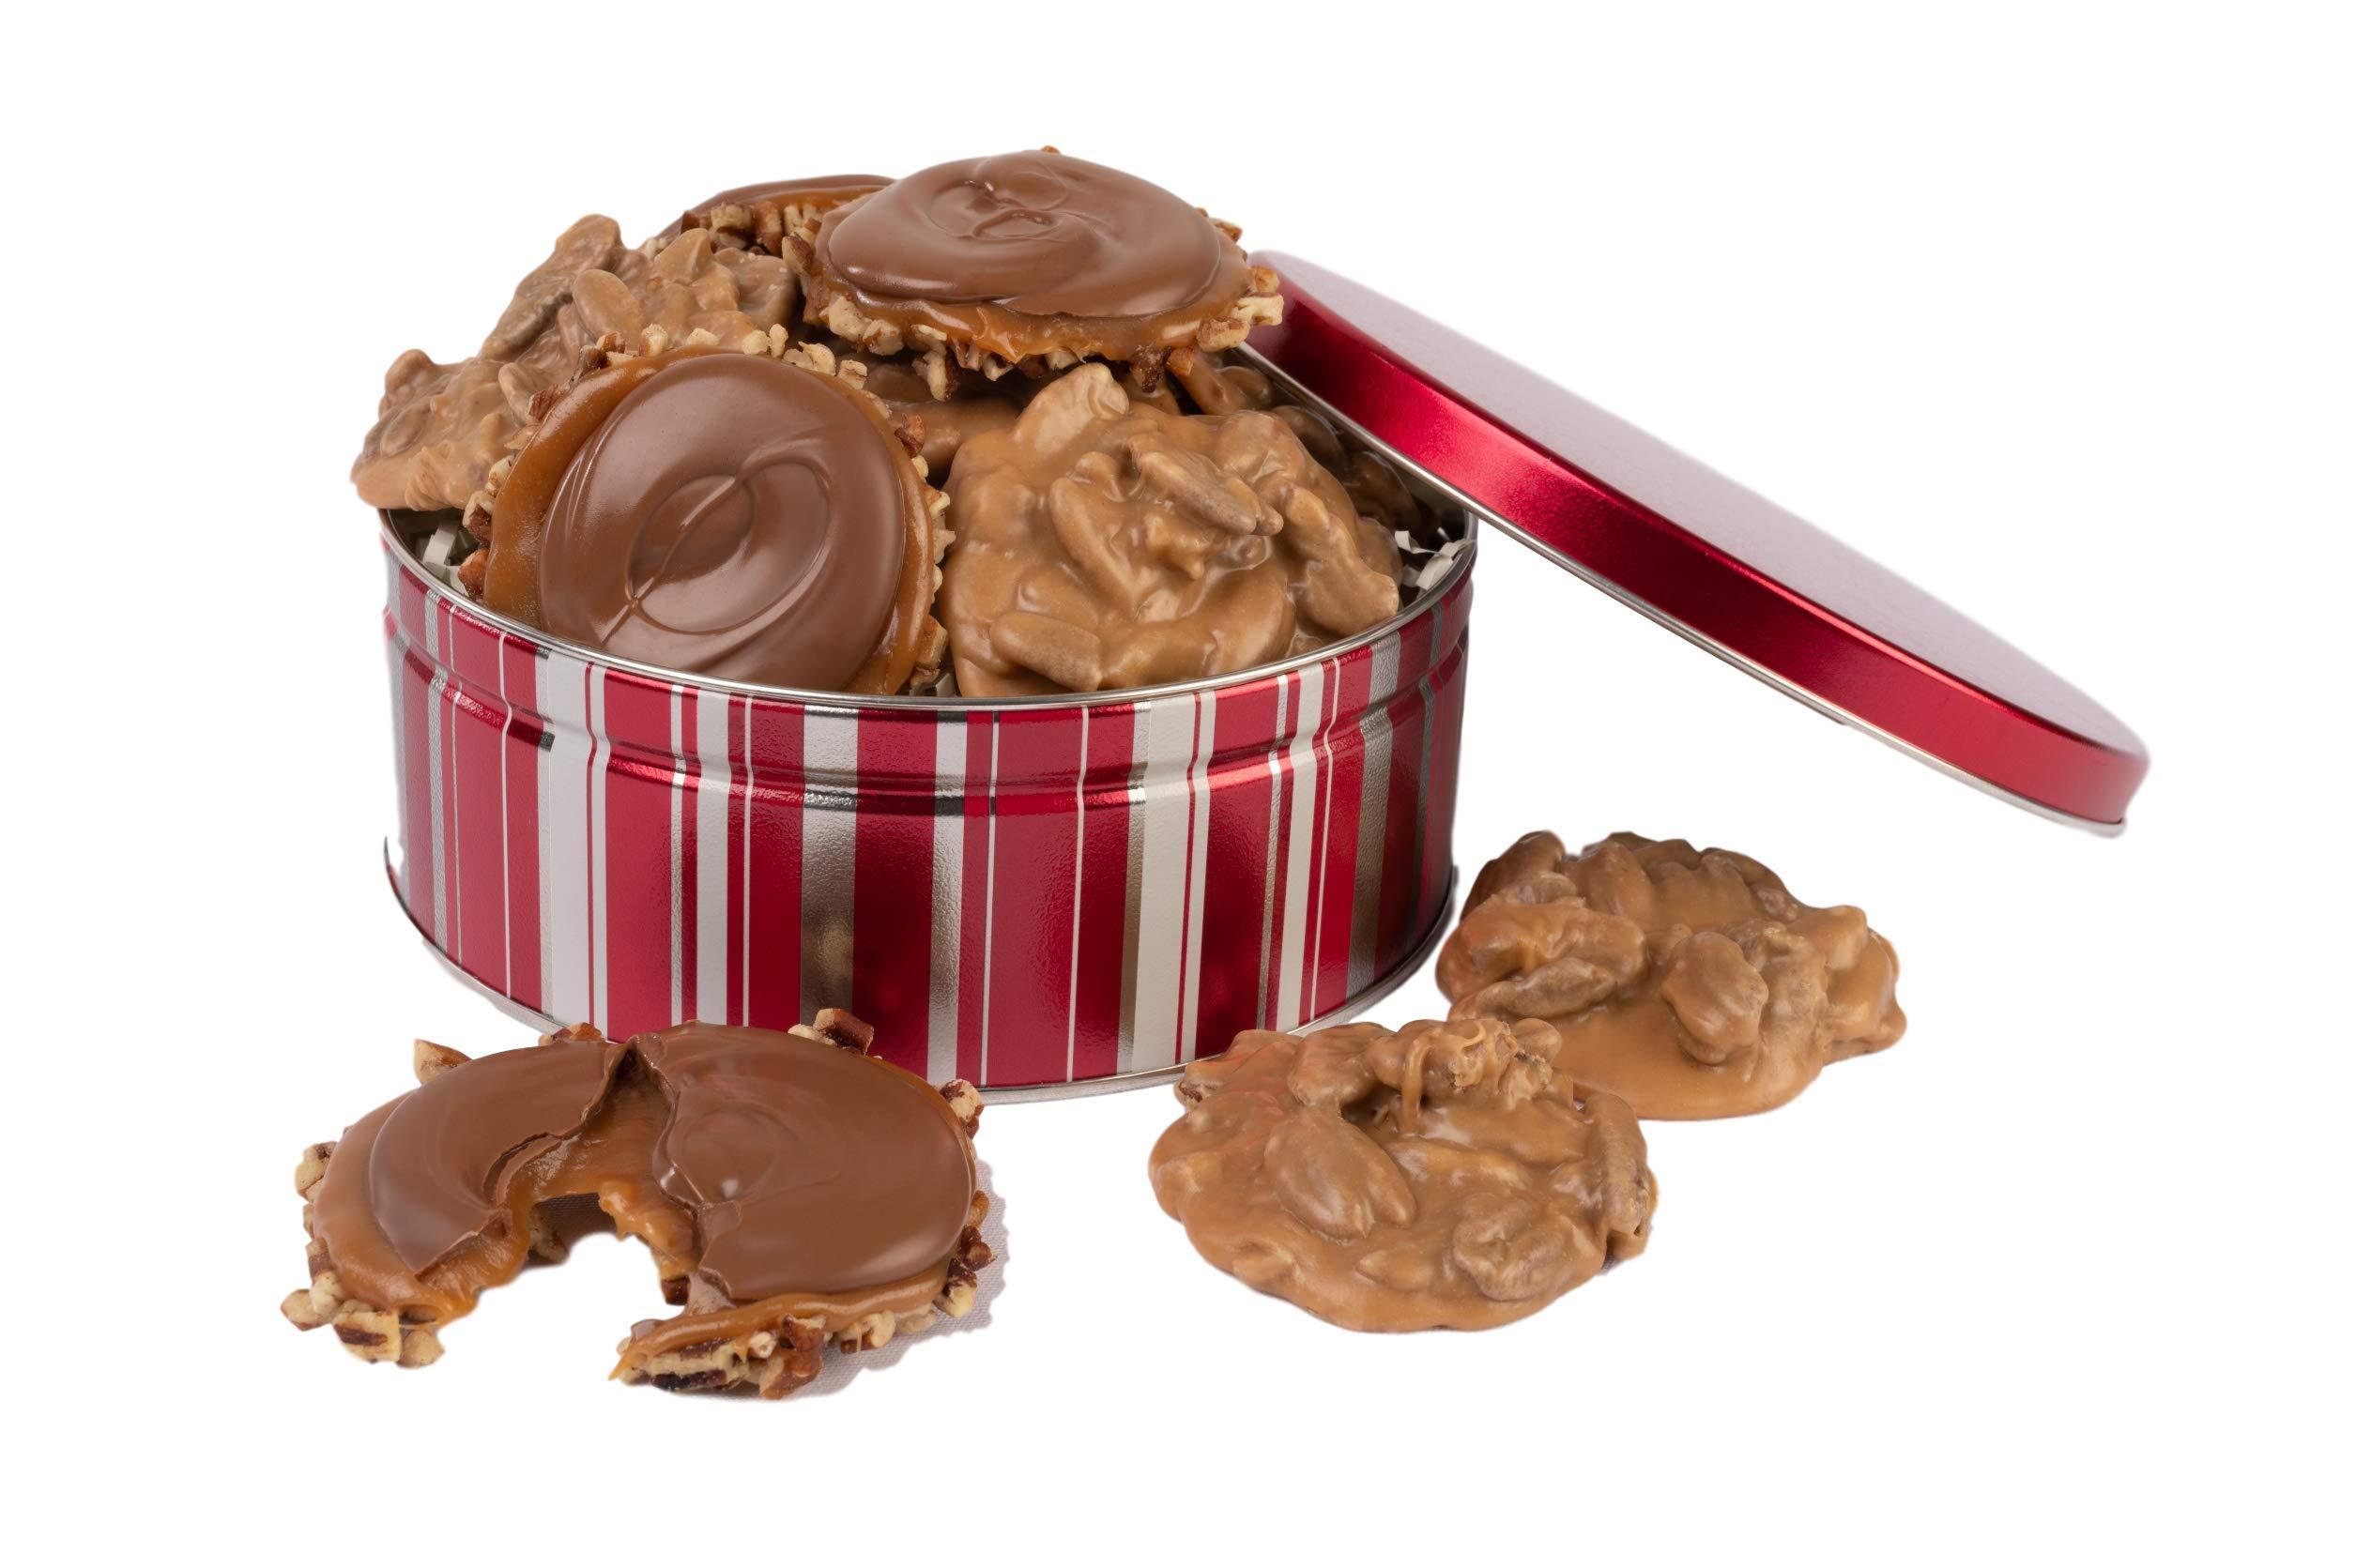 Savannah Candy Kitchen | Praline & Milk Chocolate Turtle Gophers Assortment Gift Tin by Savannah's Candy Kitchen